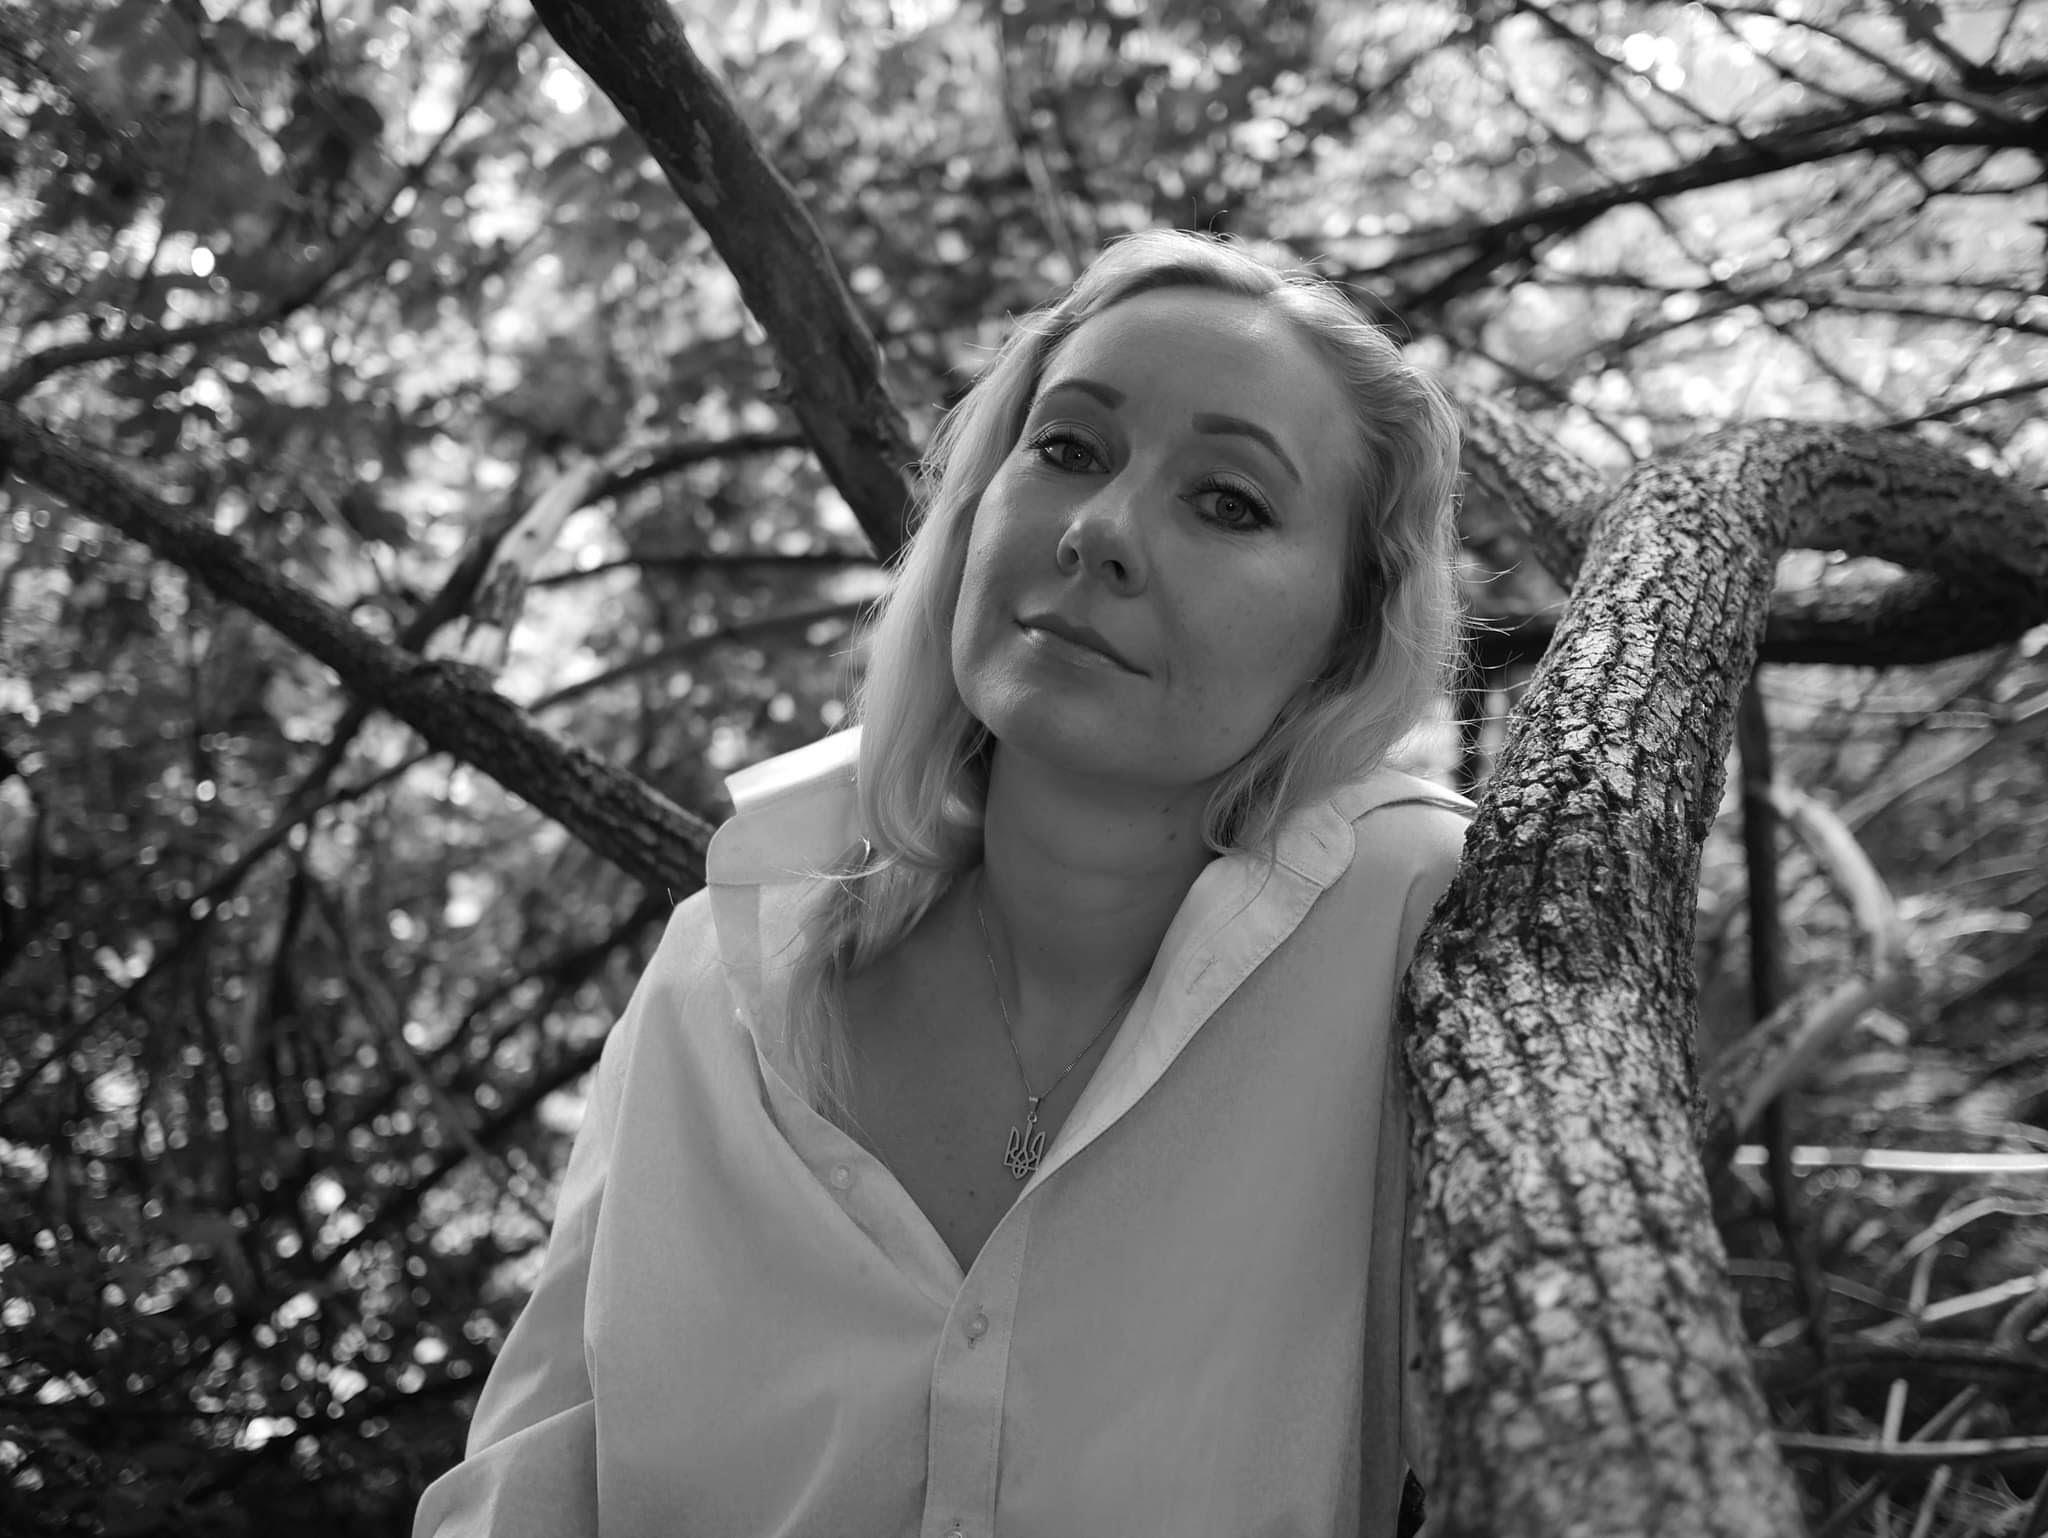 """Скоро у Харкові. Ексклюзивне інтерв'ю з режисеркою Дар'єю Онищенко про її фільм """"Забуті"""" та нову копродукційну картину"""